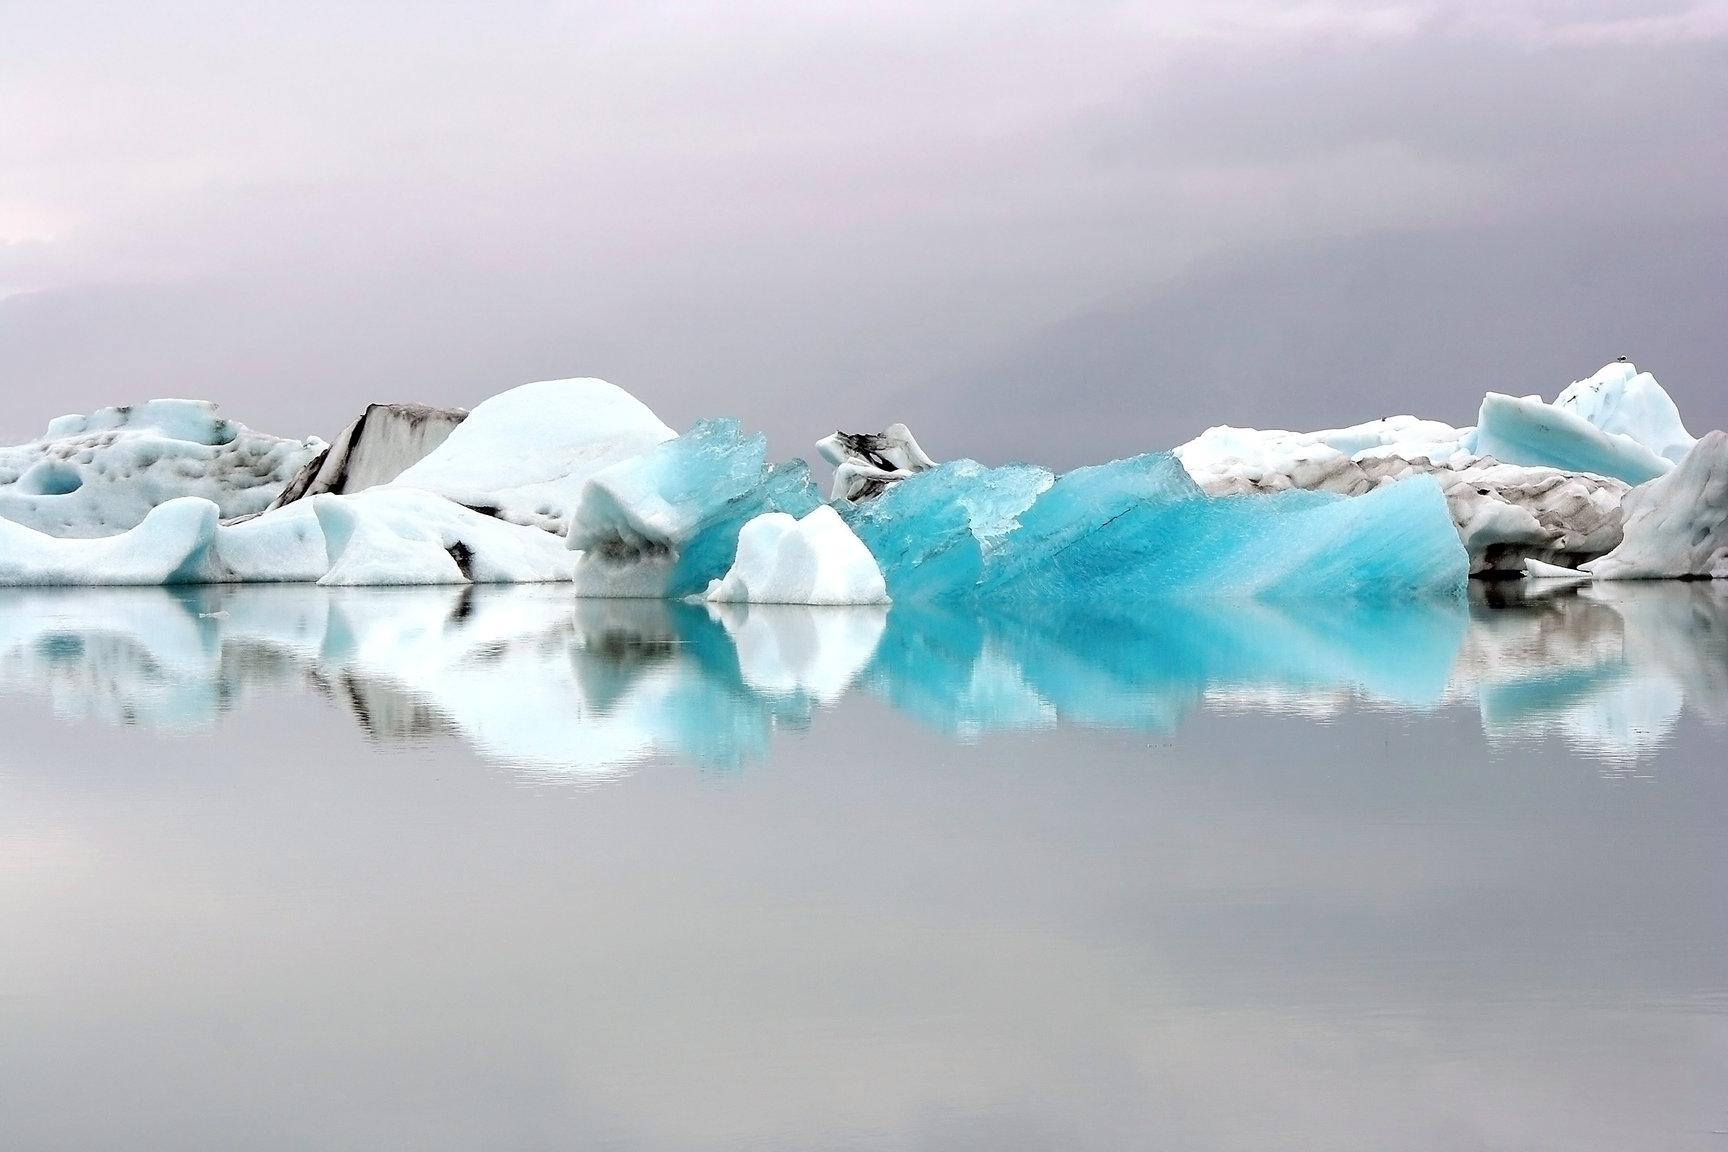 瓦特那冰川是冰岛乃至欧洲最大的冰川,杰古沙龙冰河湖是冰岛最深的湖泊